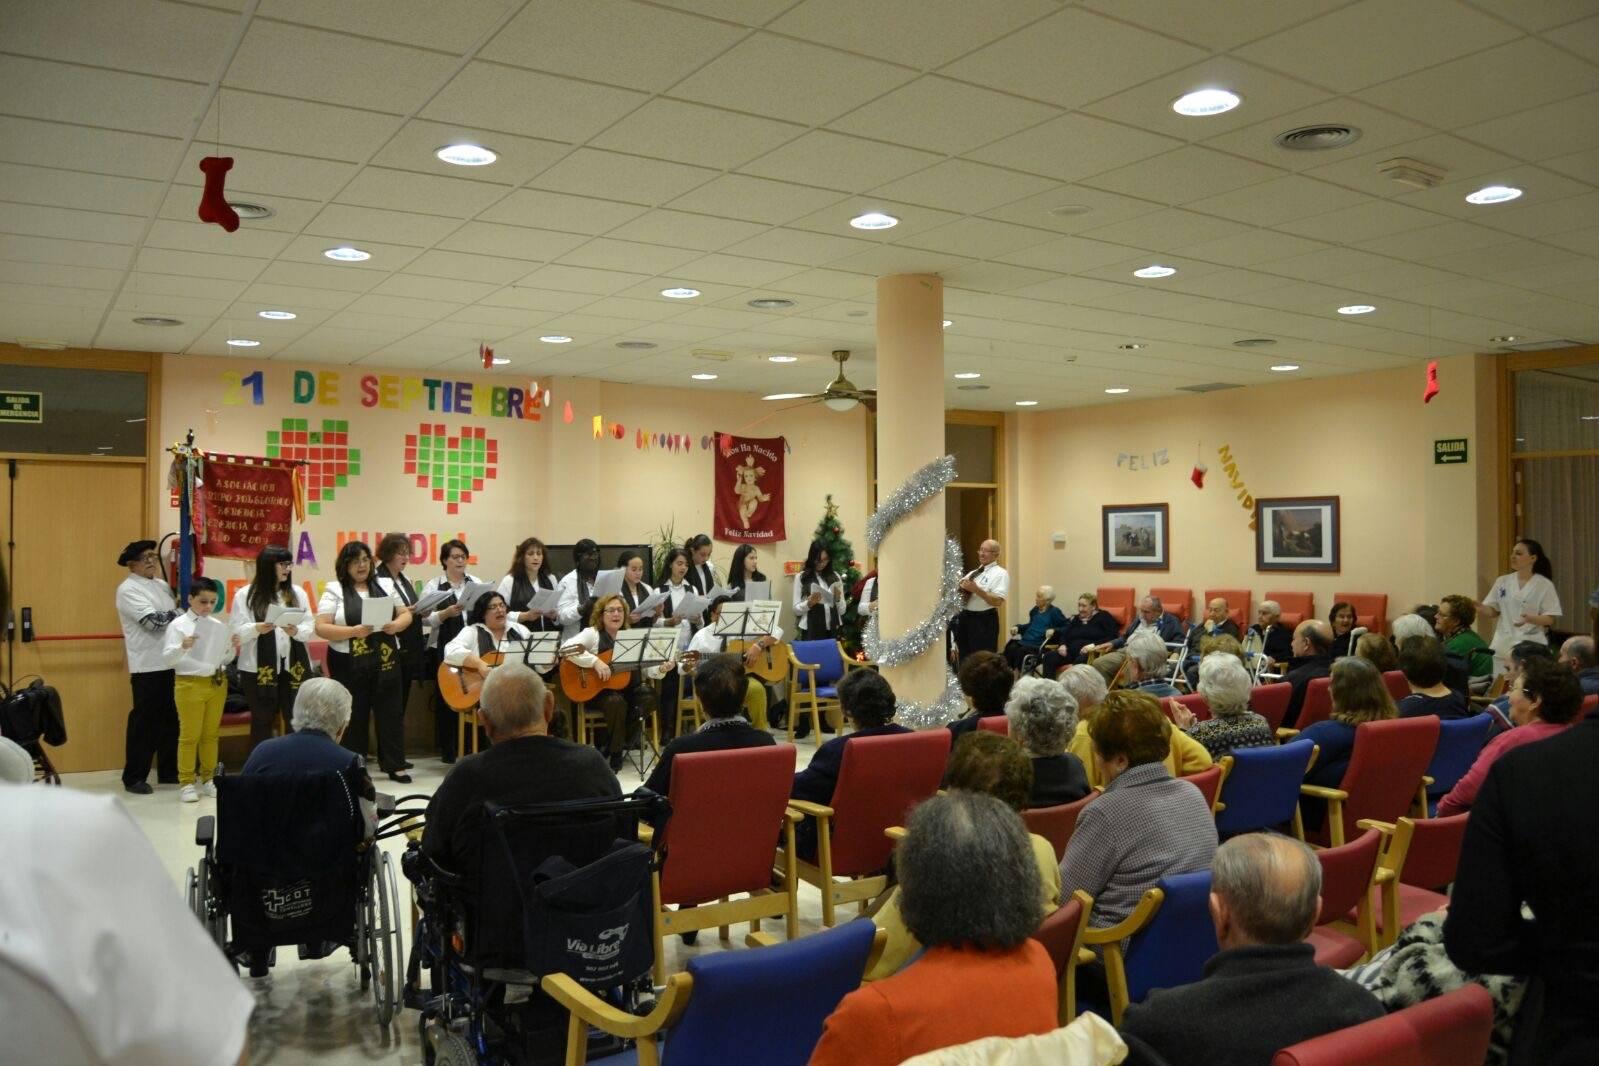 Coro de la azucena de san jose cantnado villancicos06 - Ruta de villancicos de la hermandad de San José y el grupo de coros y danzas infantil